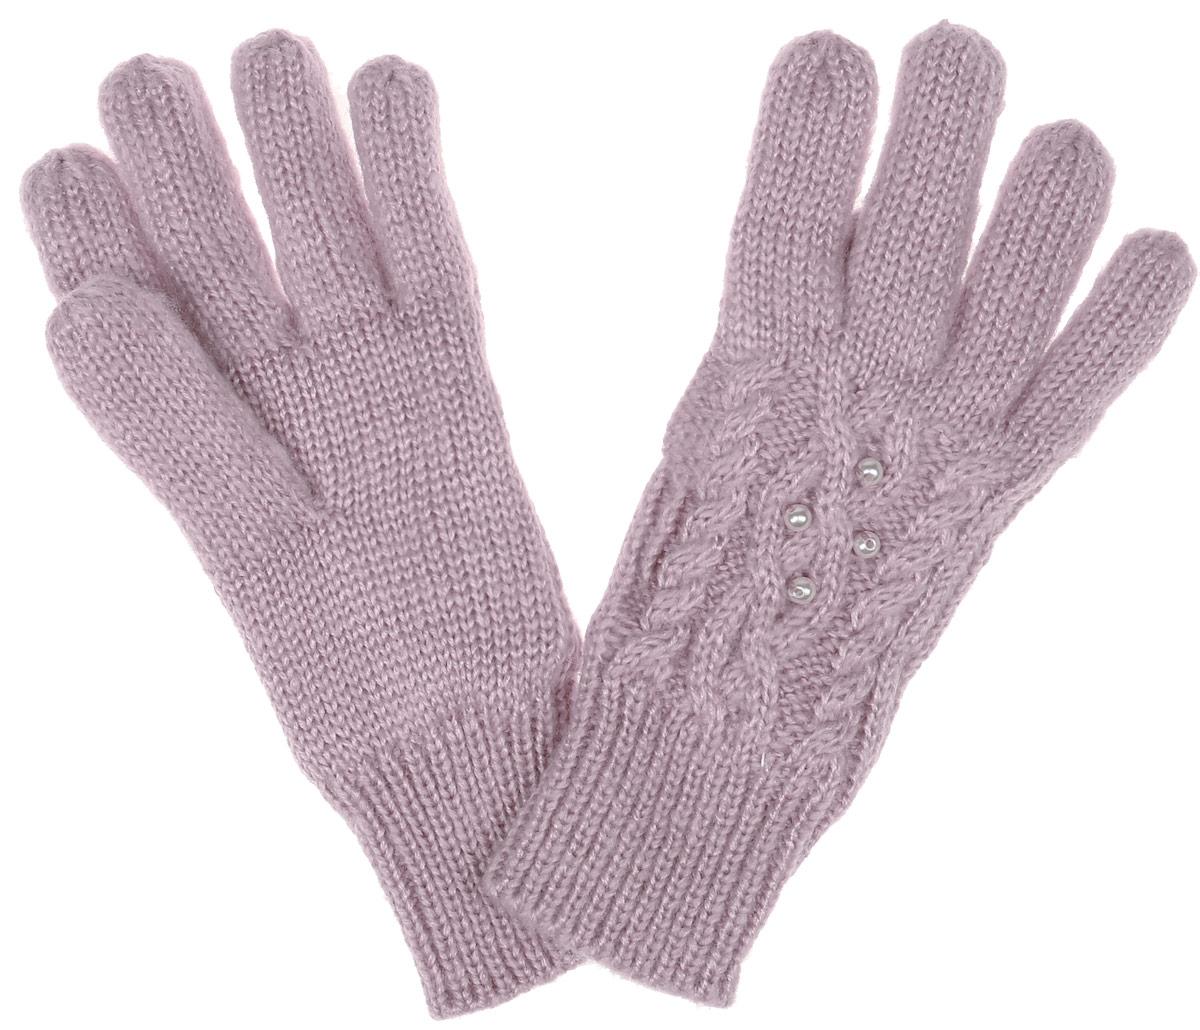 GL-643/053AK-6404Вязаные перчатки для девочки Sela идеально подойдут вашей дочурке для прогулок в прохладное время года. Изготовленные из акрила, они необычайно мягкие и приятные на ощупь, не сковывают движения и позволяют коже дышать, не раздражают нежную кожу ребенка, обеспечивая ему наибольший комфорт, хорошо сохраняют тепло. Внутри мягкая и приятная на ощупь подкладка выполненная из 100% полиэстера. Перчатки дополнены широкими эластичными манжетами, не стягивающими запястья и надежно фиксирующими их на ручках ребенка. Манжеты связаны крупной резинкой. Оформлены перчатки имитацией жемчуга. Оригинальный дизайн и расцветка делают эти перчатки модным и стильным предметом детского гардероба. В них ваша маленькая модница будет чувствовать себя уютно и комфортно и всегда будет в центре внимания!